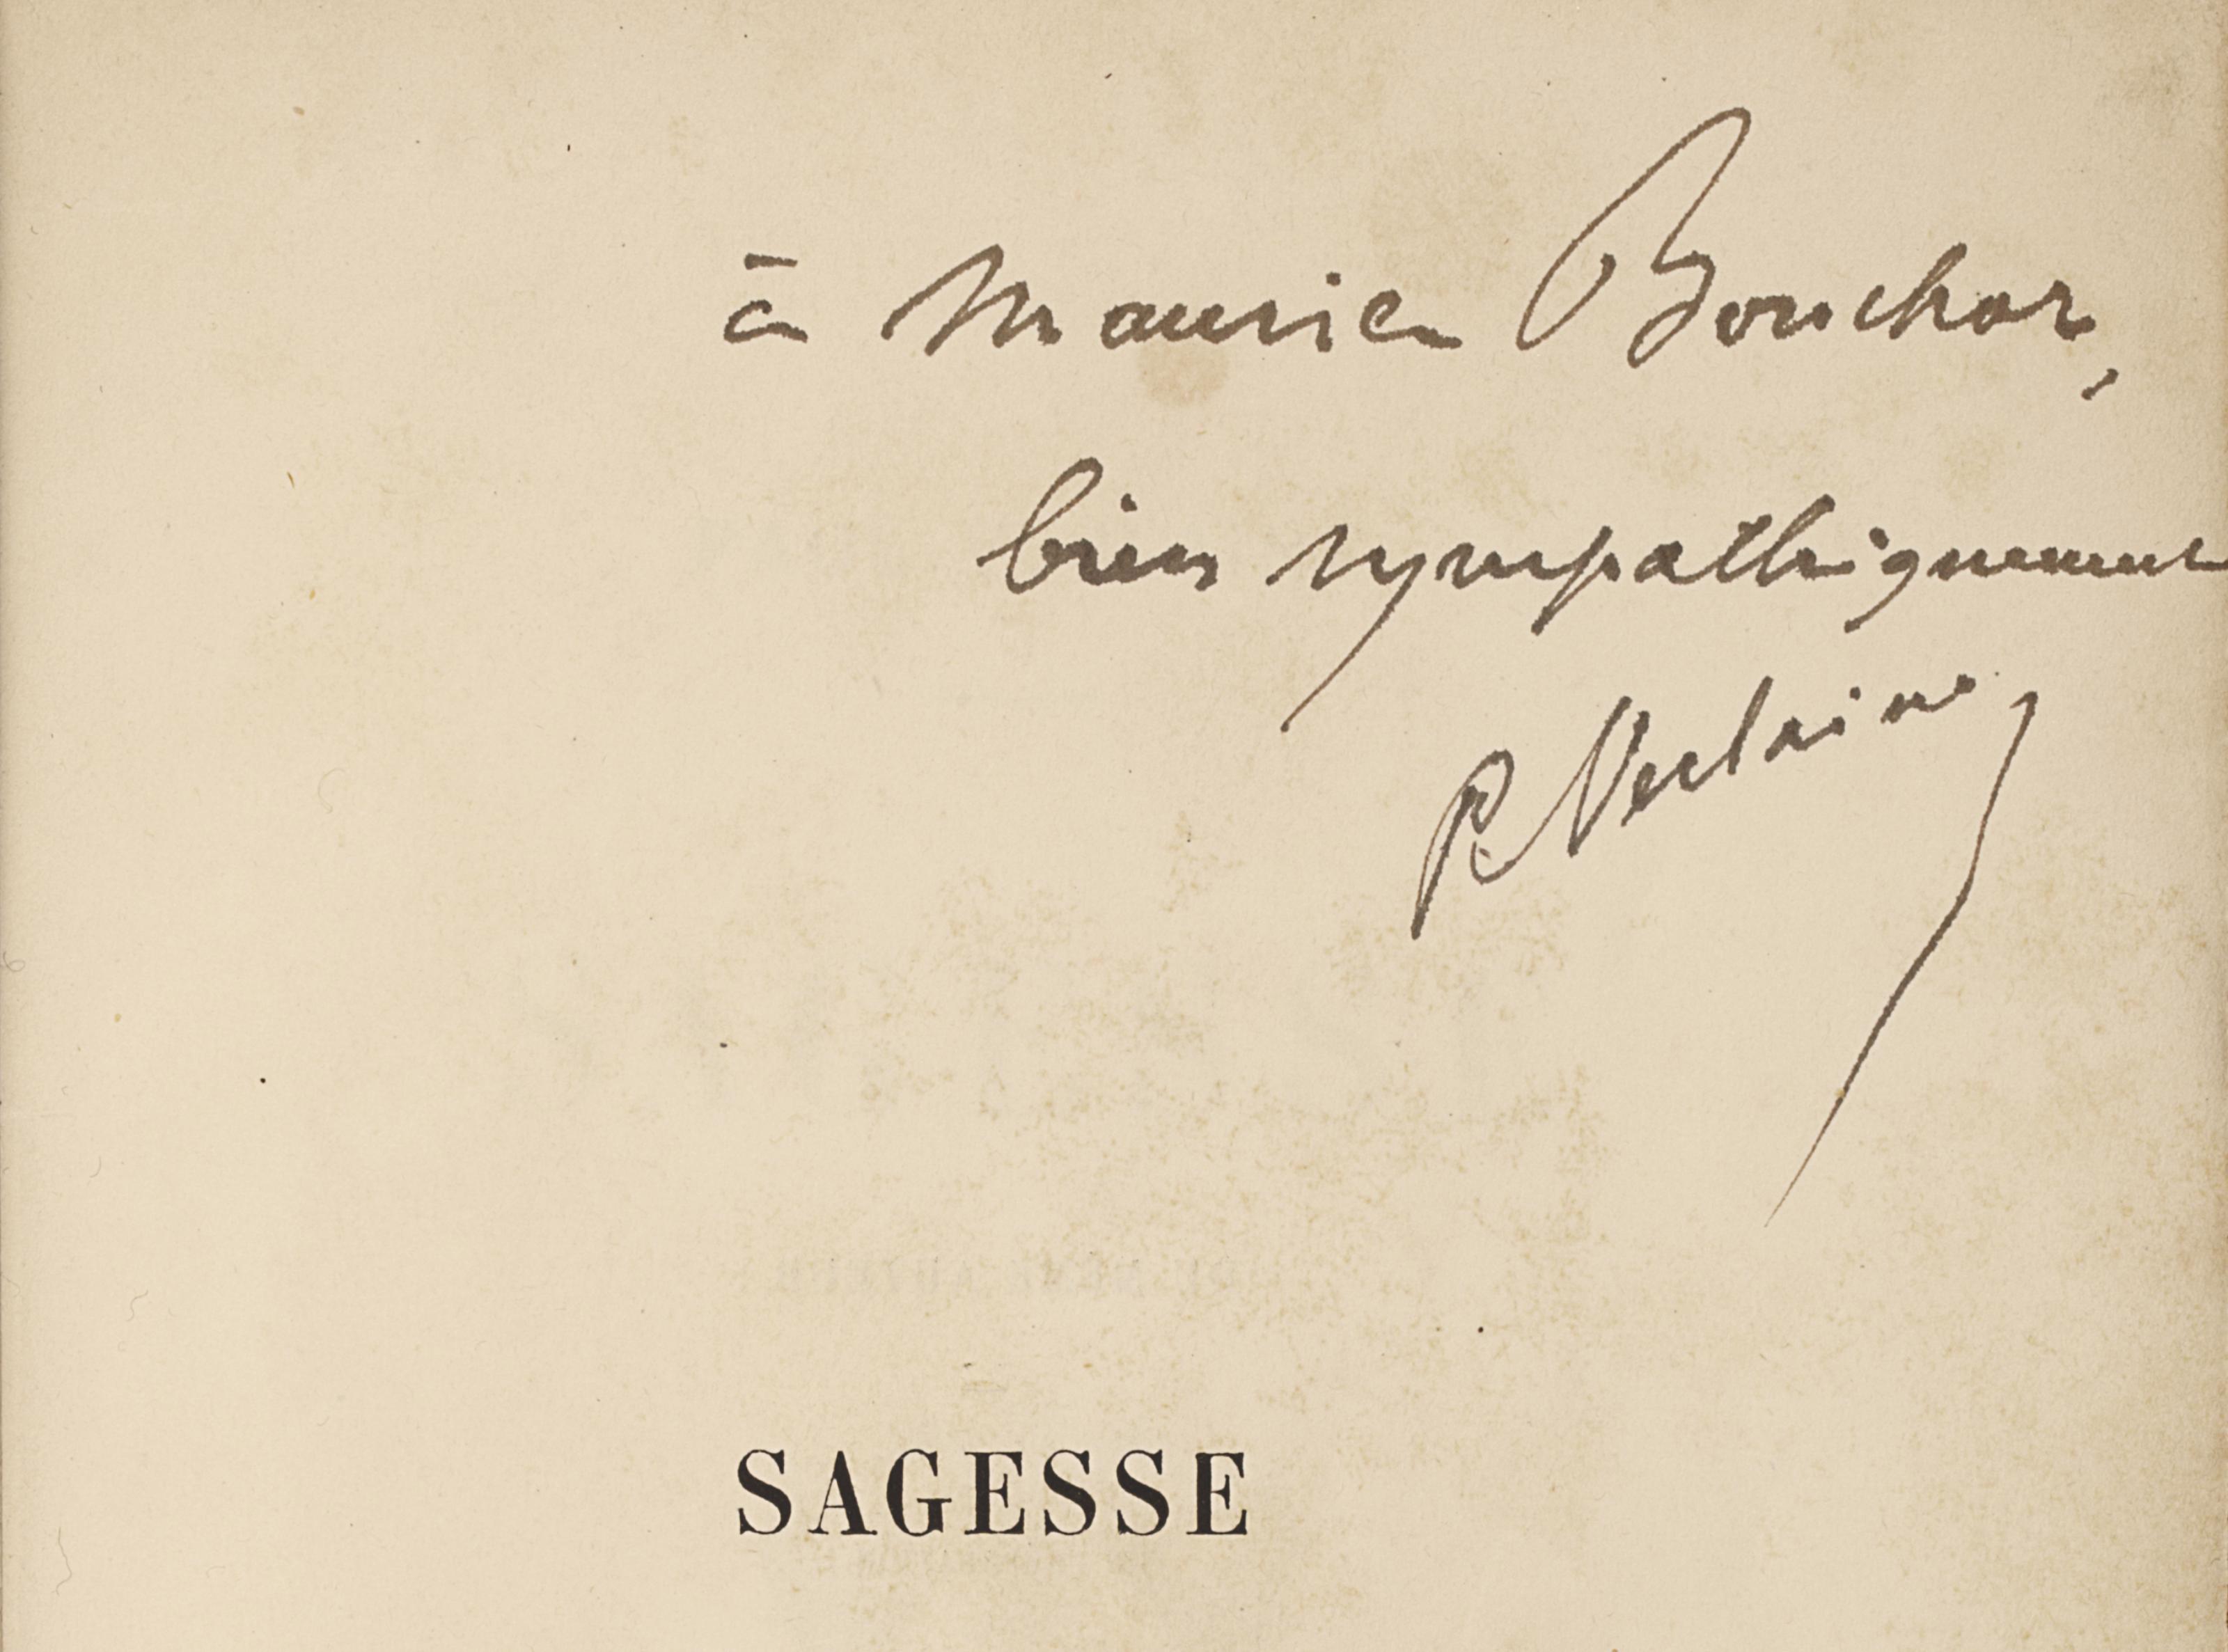 Paul VERLAINE. Sagesse. Paris: